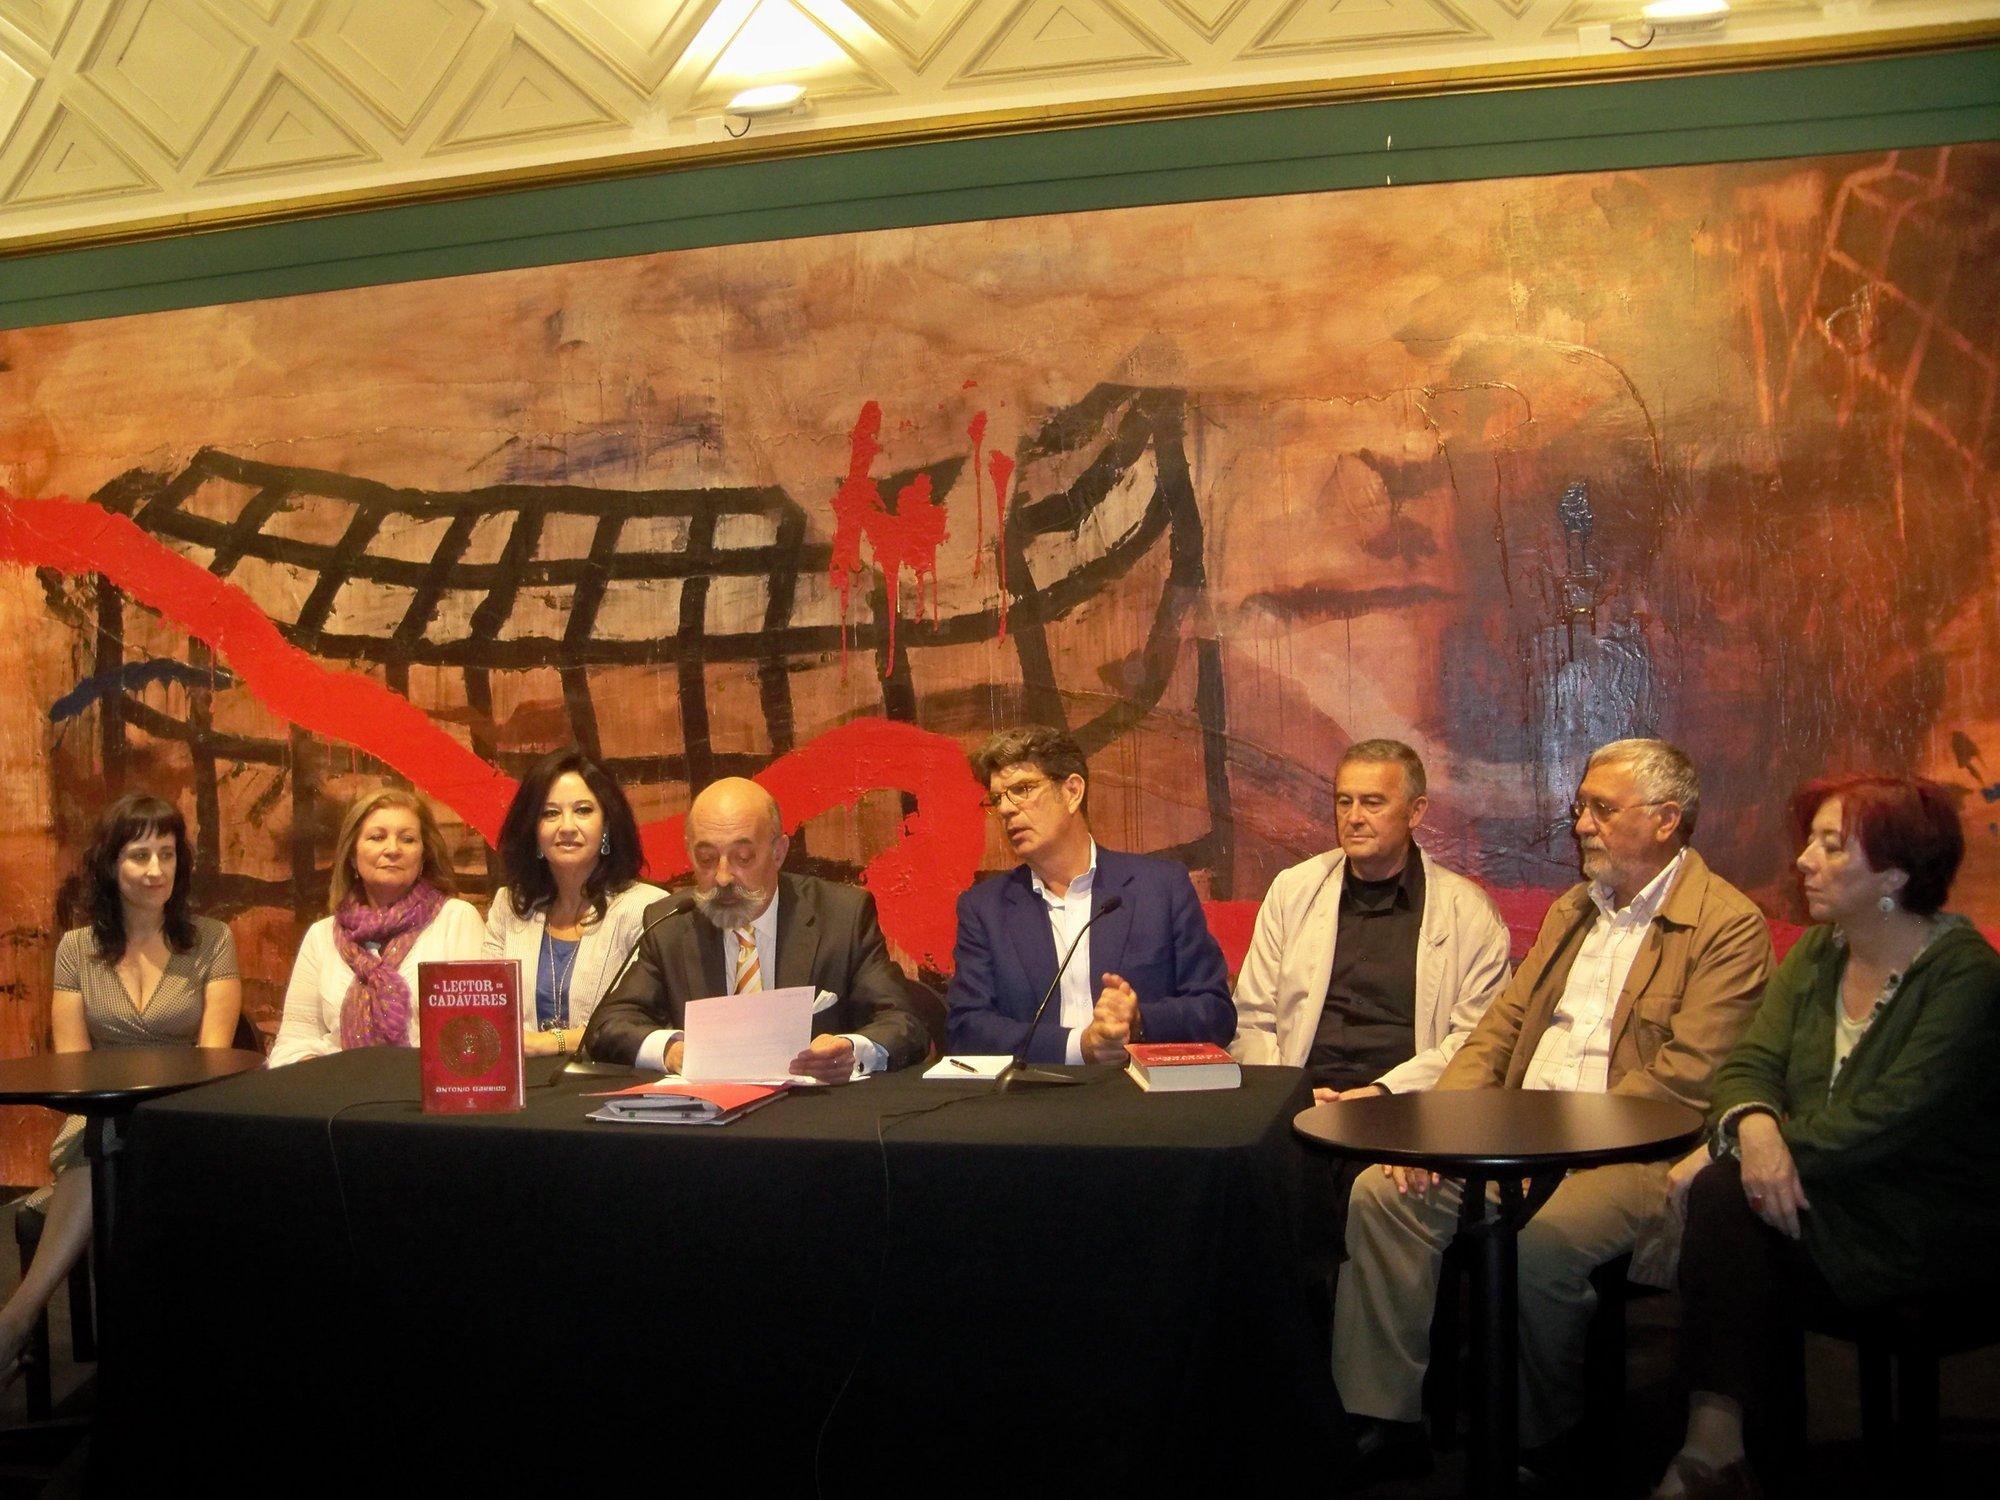 »El lector de cadáveres», de Antonio Garrido, gana el Premio Internacional de Novela Histórica «Ciudad de Zaragoza»